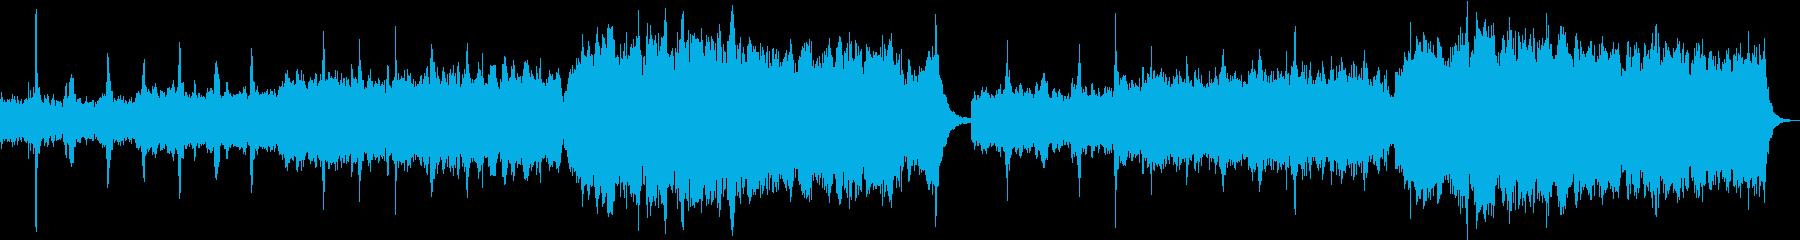 幻想的で透明感のあるアンビエント調の曲の再生済みの波形